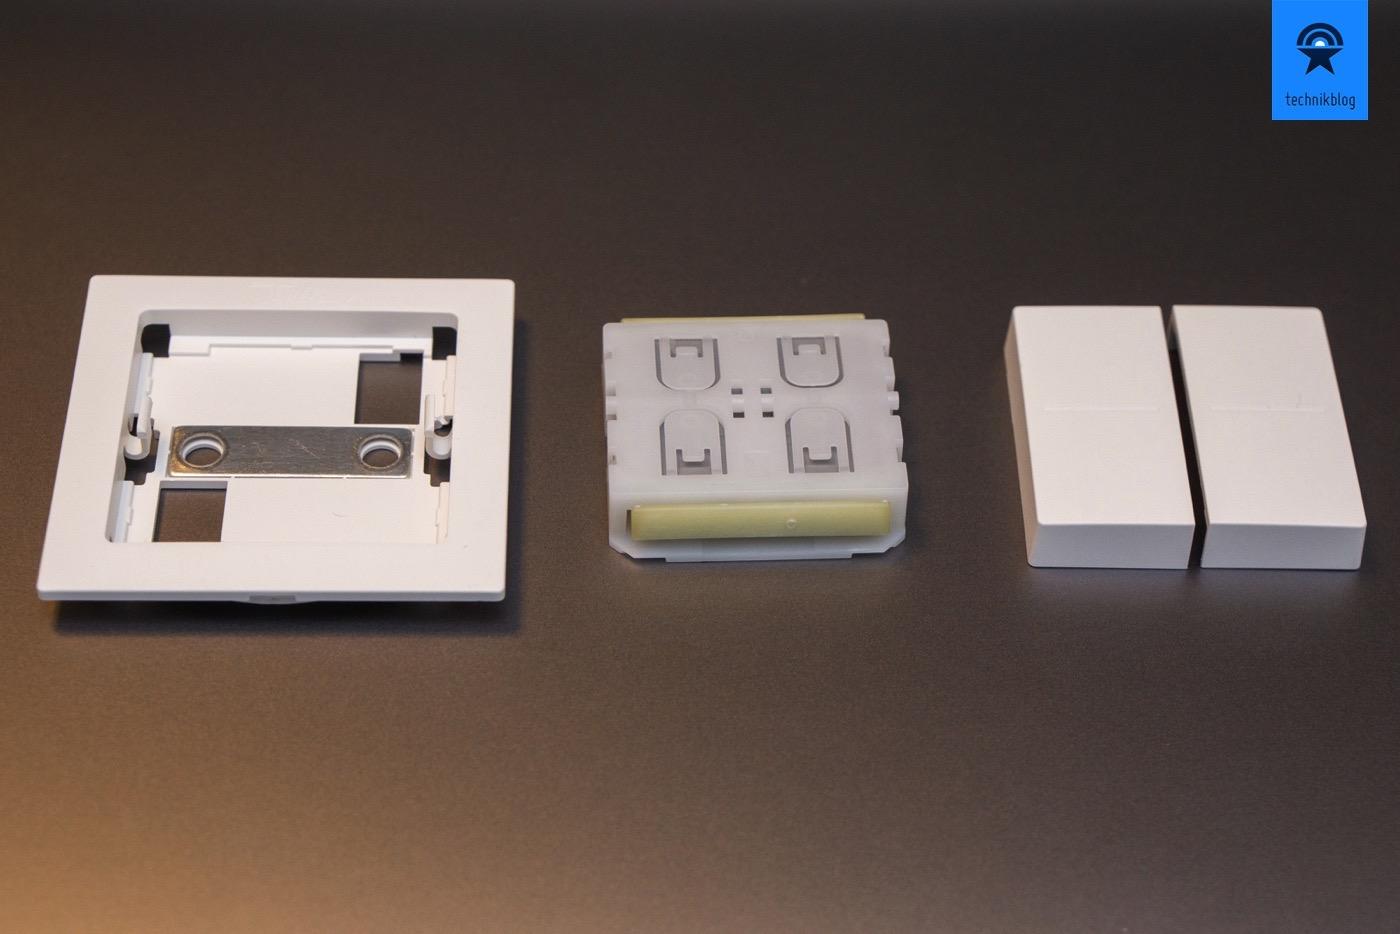 Feller Smart Light Control for Philips Hue